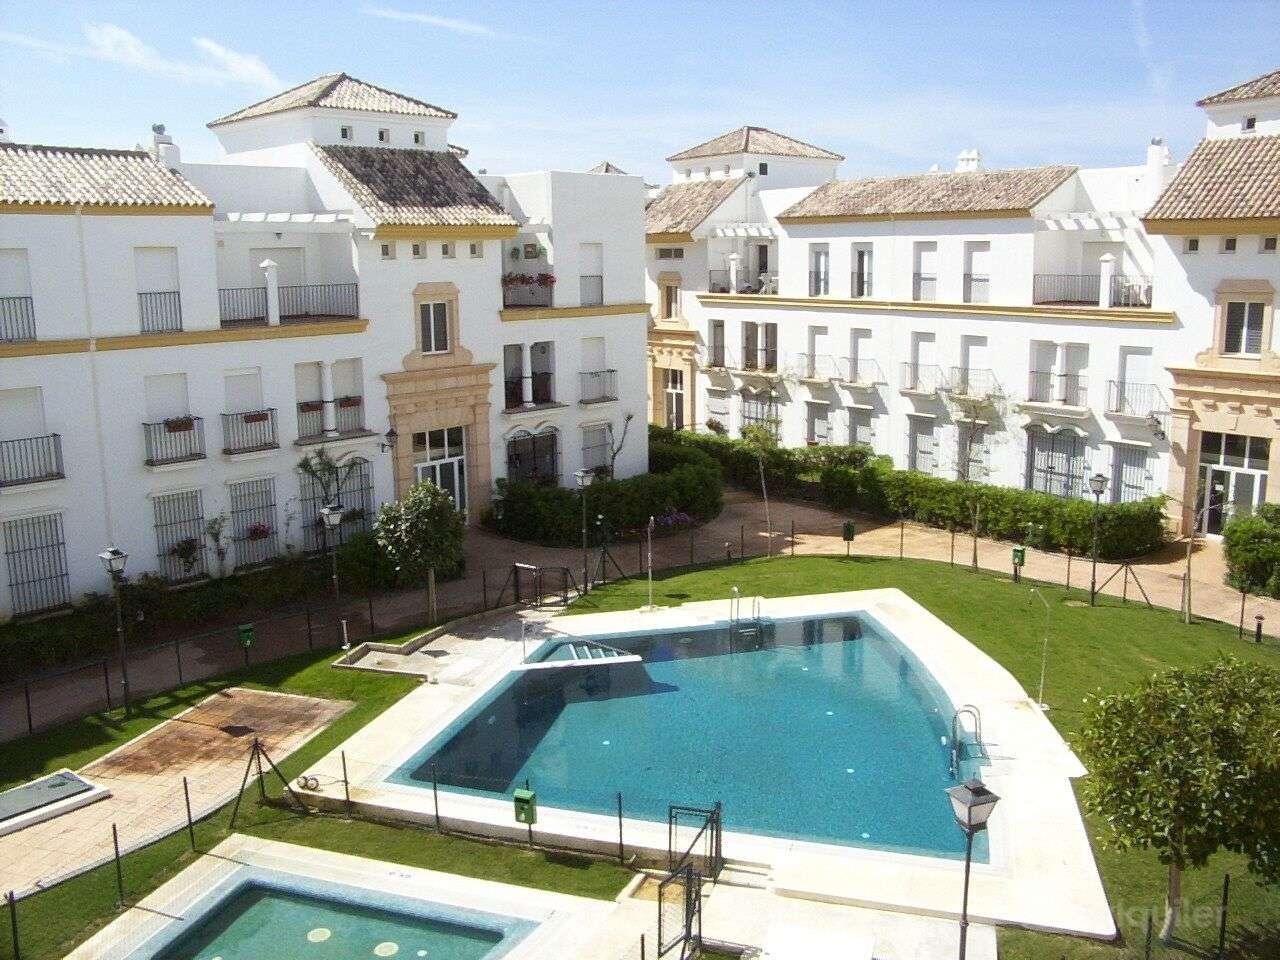 Alquiler de ático en primera línea en el Residencial Costa Ballena, Rota